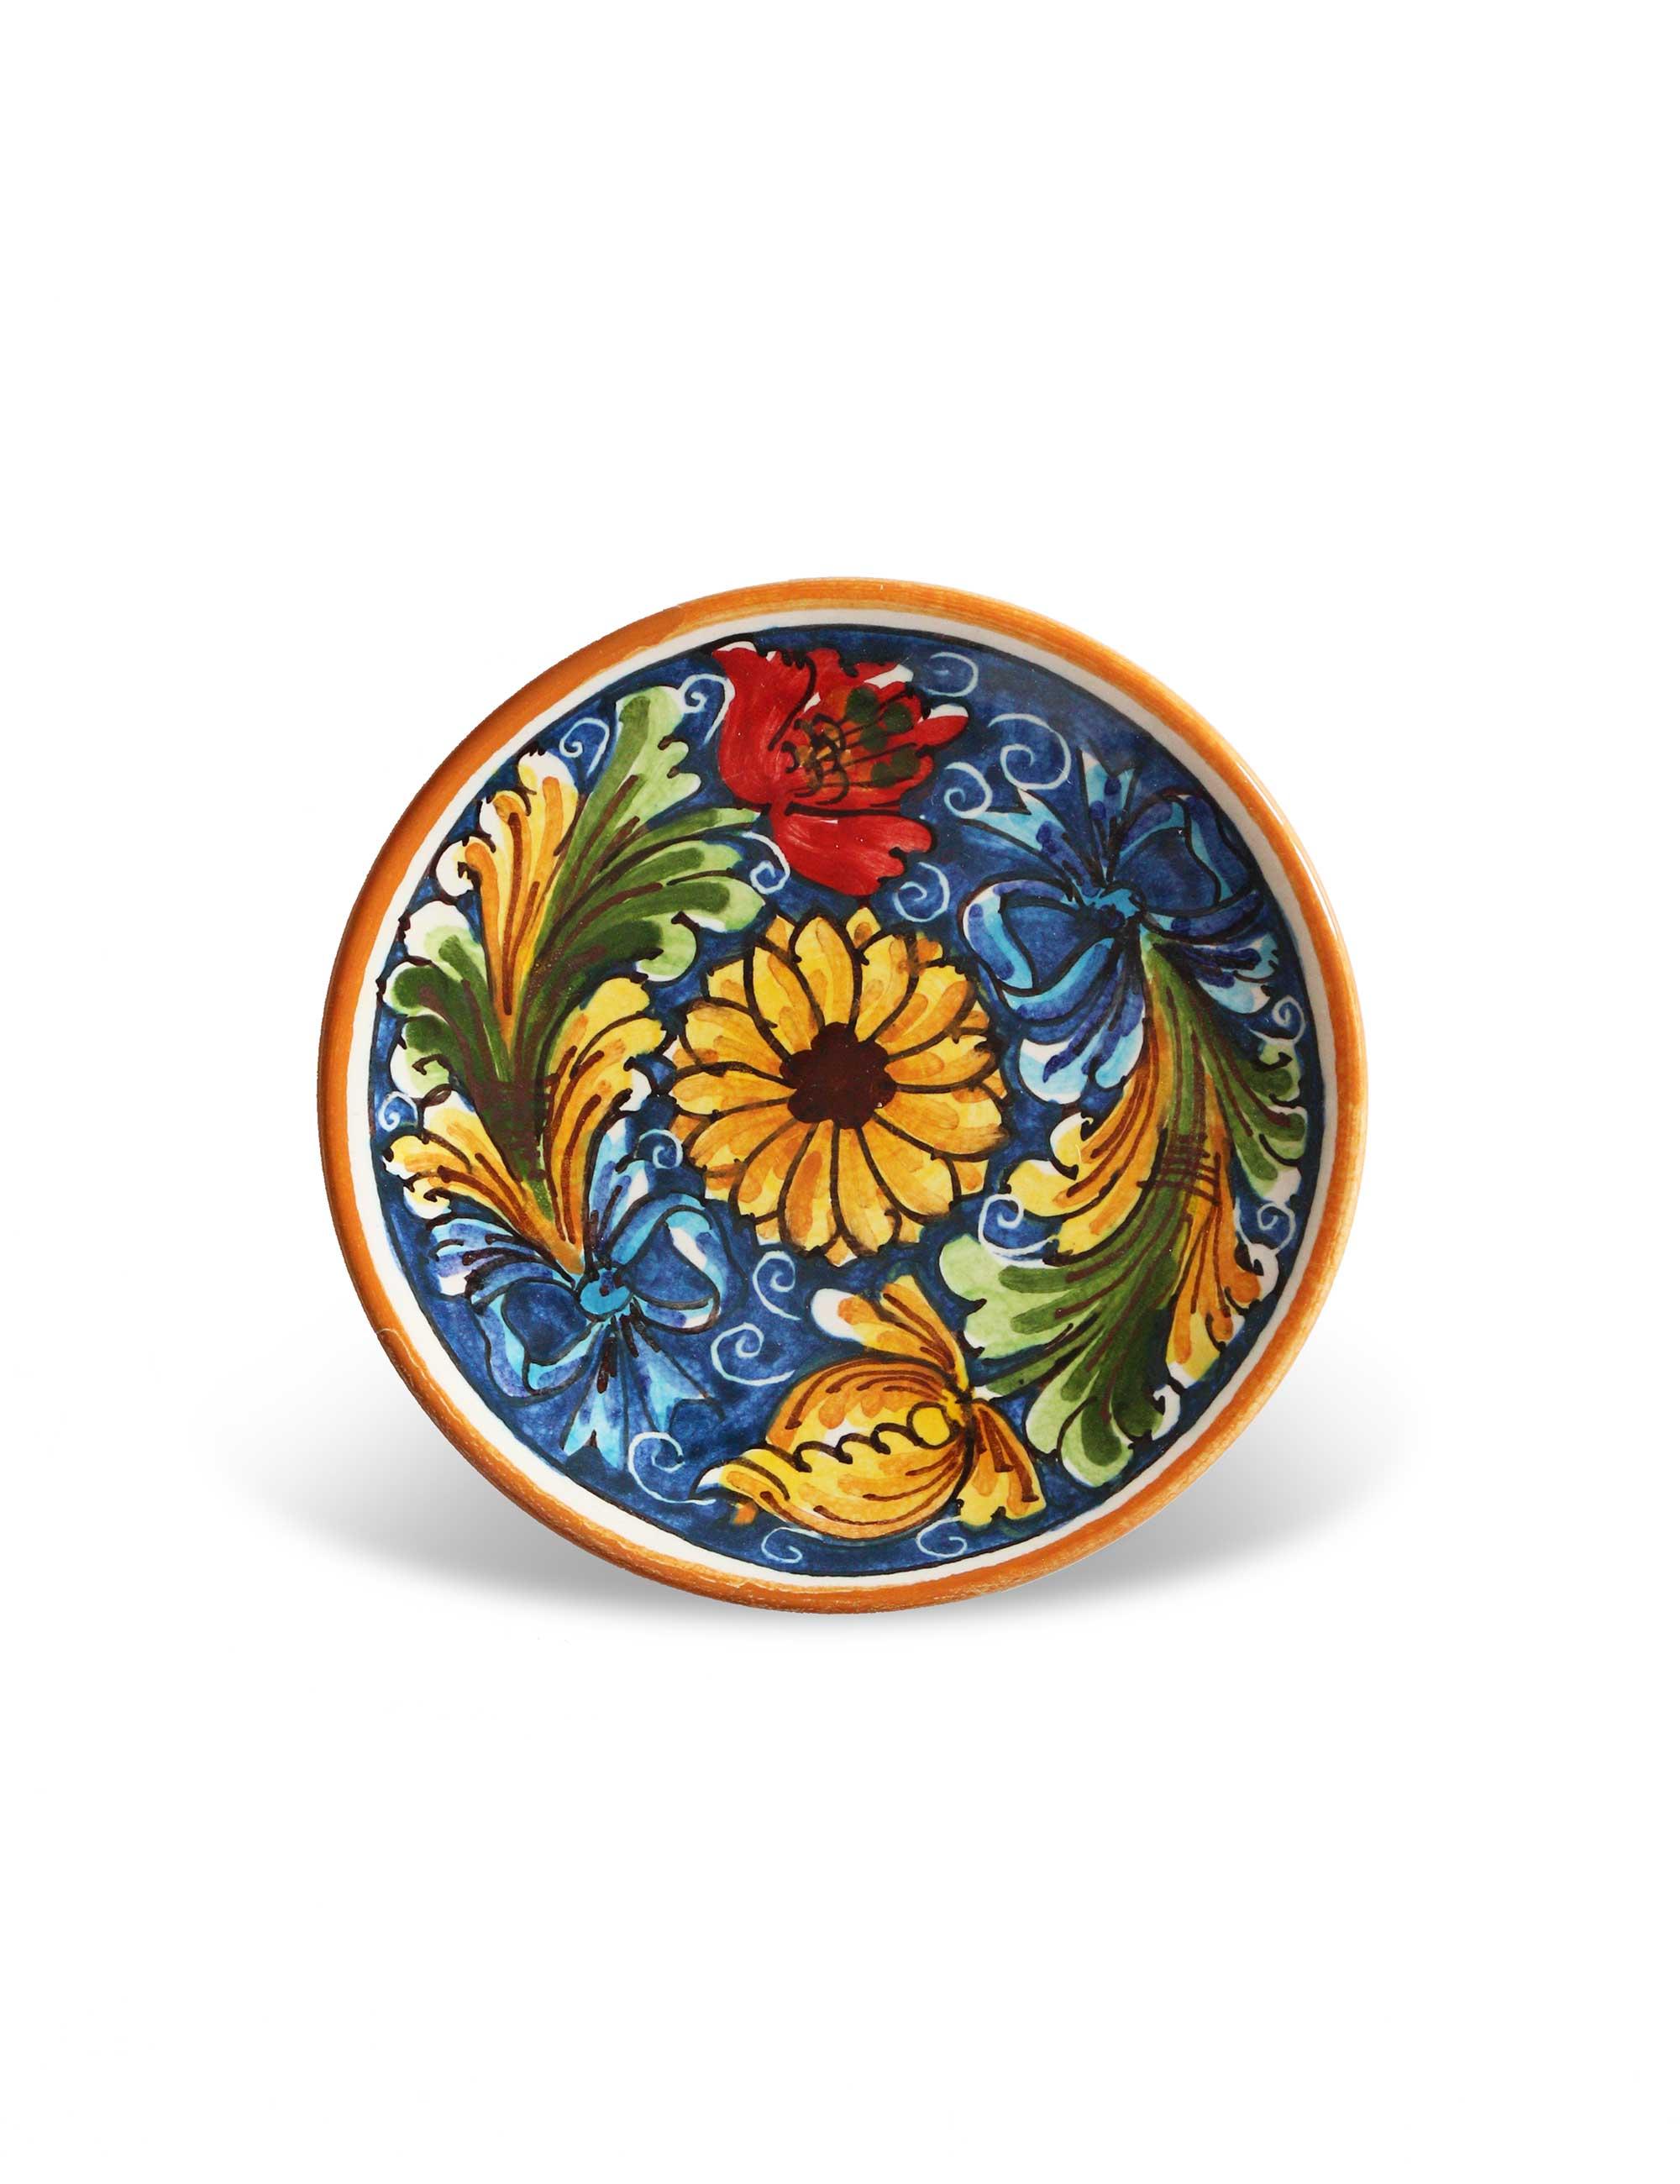 Piatti Ceramica Di Caltagirone.Piattino Ceramica Di Caltagirone Leni Maremoro Ceramiche Siciliane